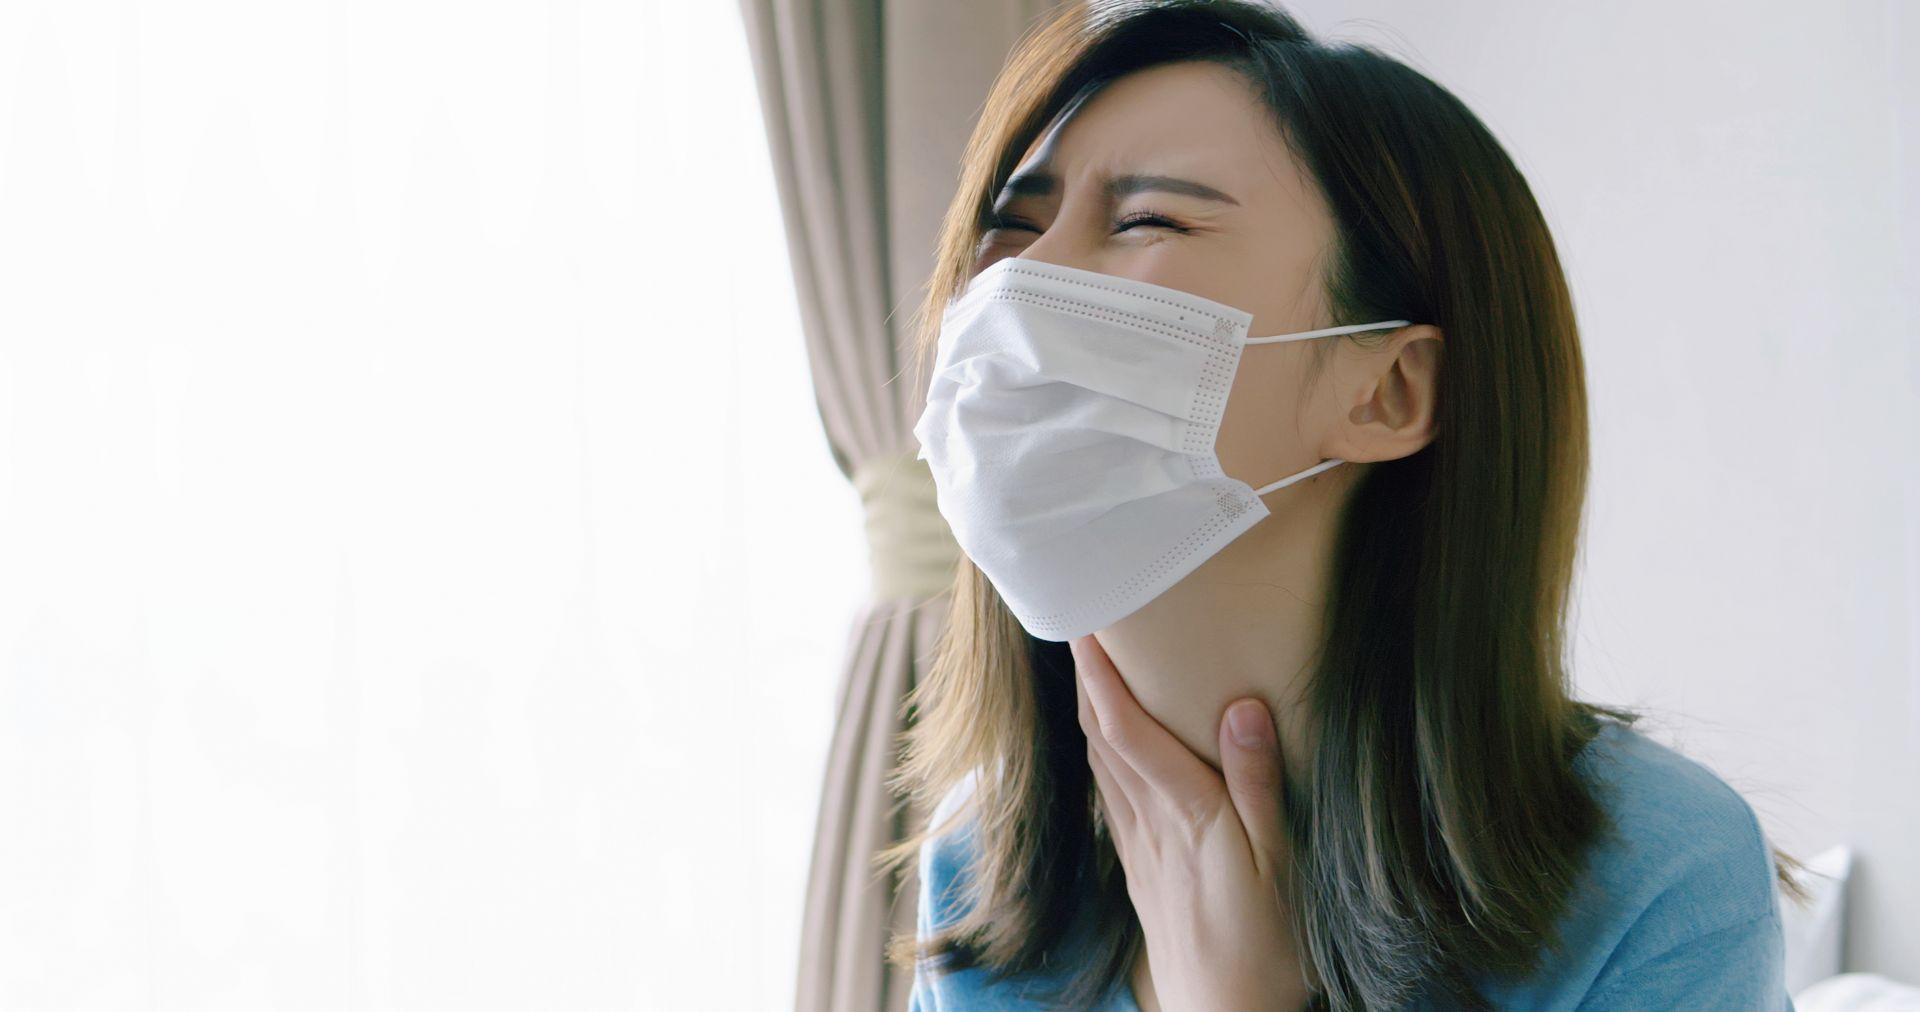 食道癌症狀出現喉嚨乾燥、胸悶、吞嚥困難異物感不注意,恐已罹癌!這些惡習是引發癌症的誘因